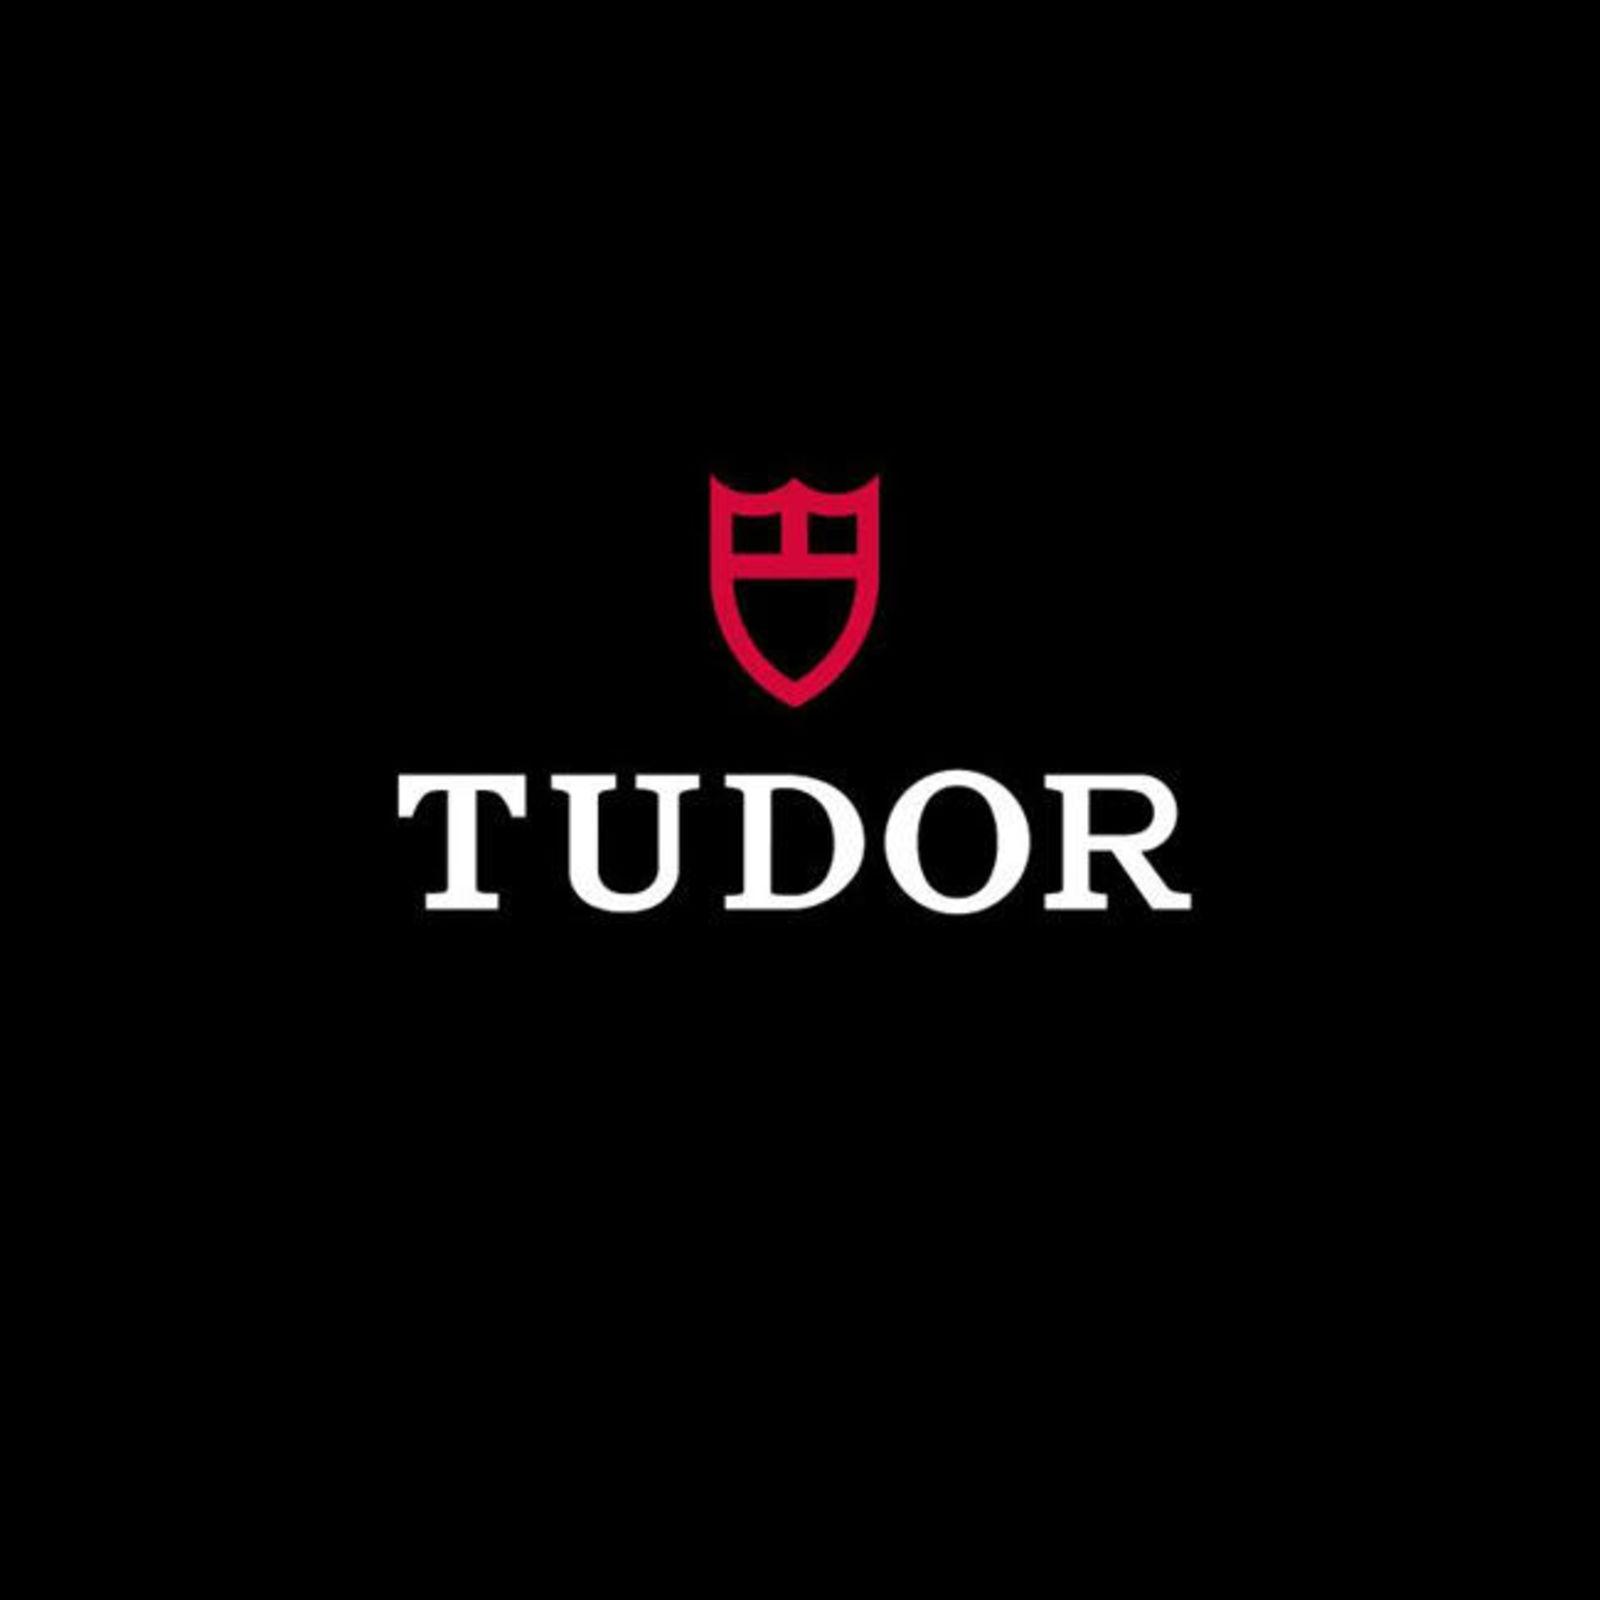 TUDOR (Bild 1)